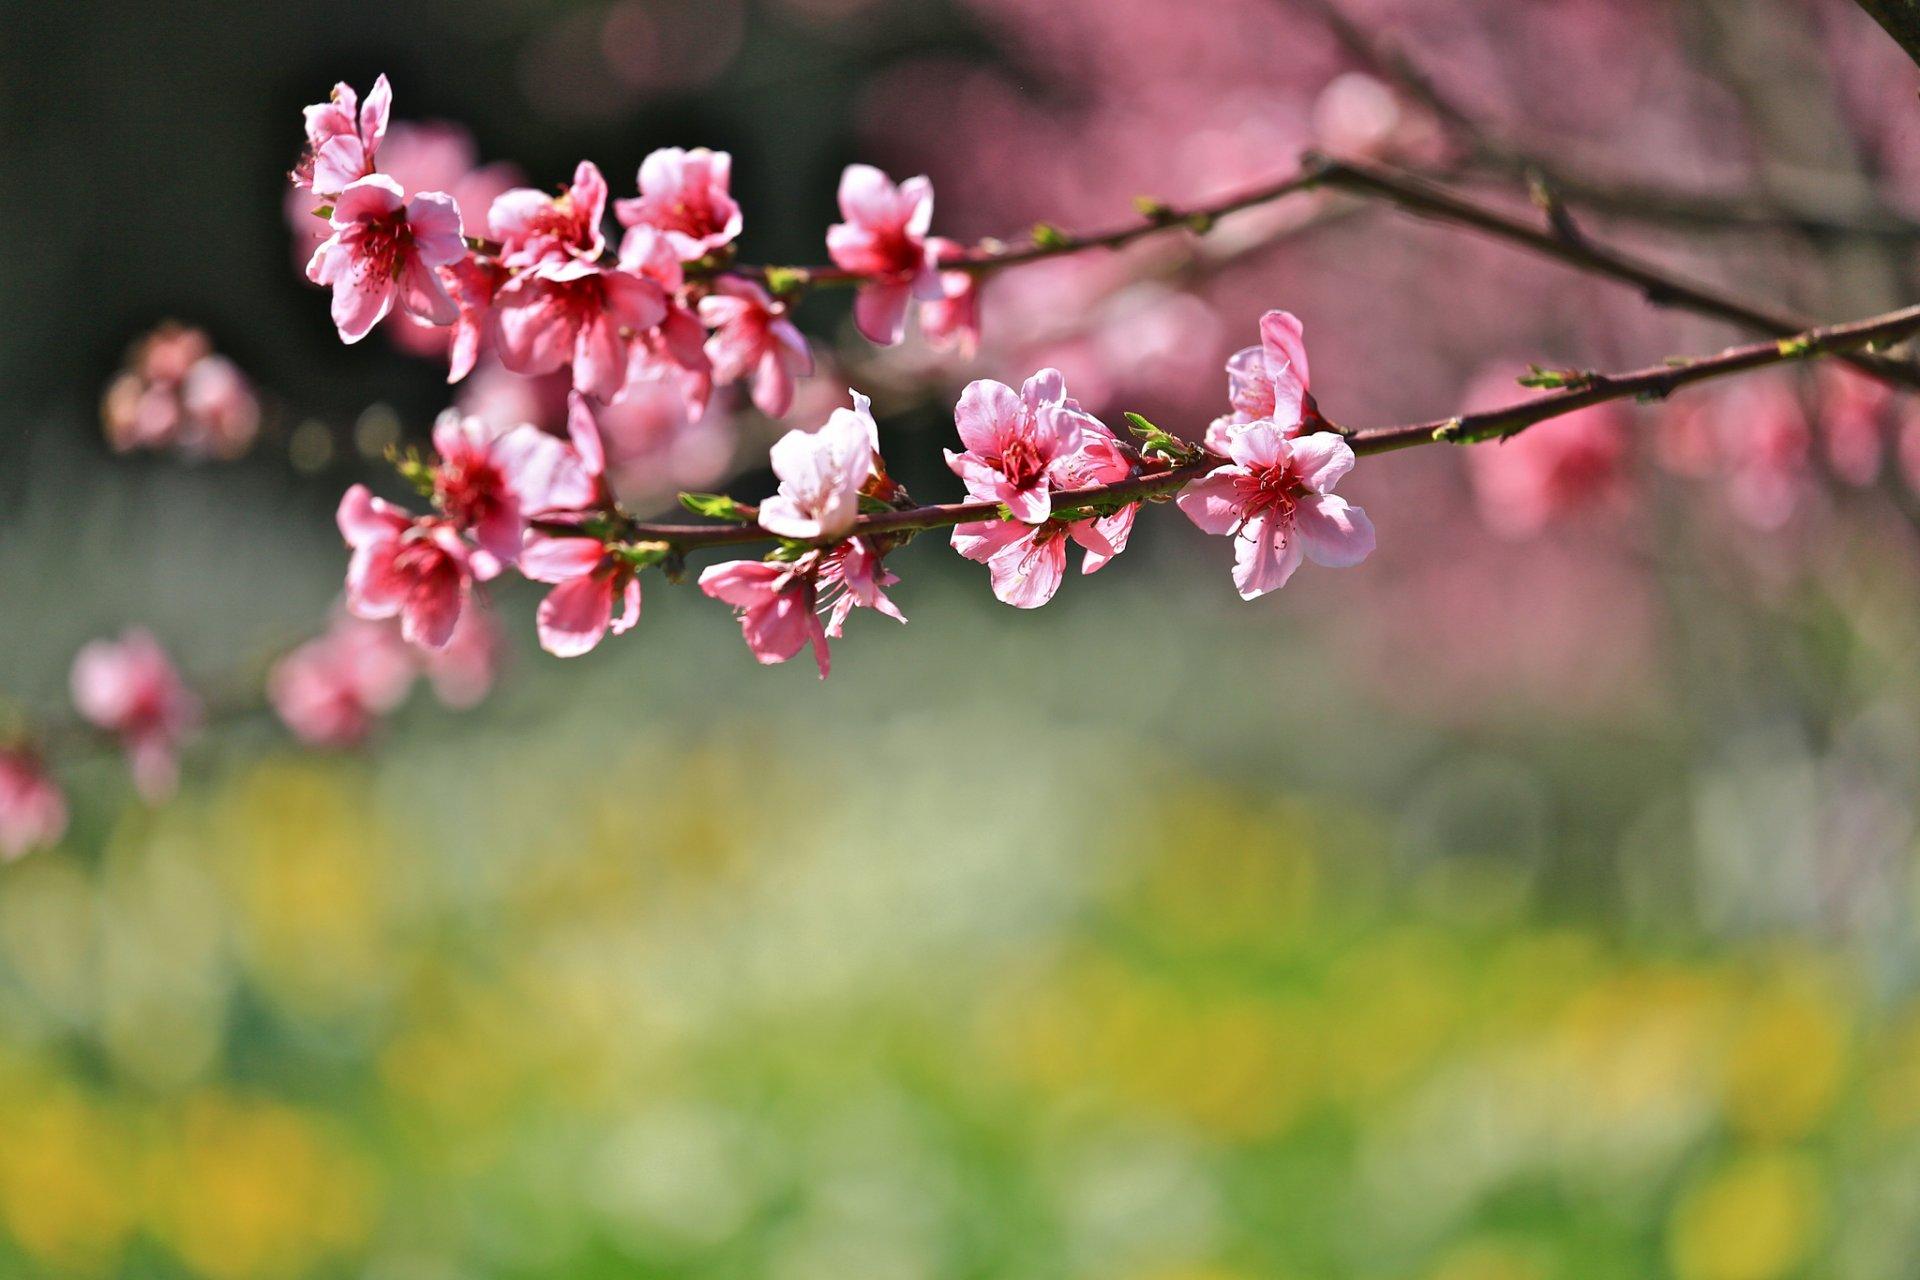 Нарешті тепло: 2 квітня на Київщині буде суха, переважно сонячна, погода - погода - 02 pogoda3